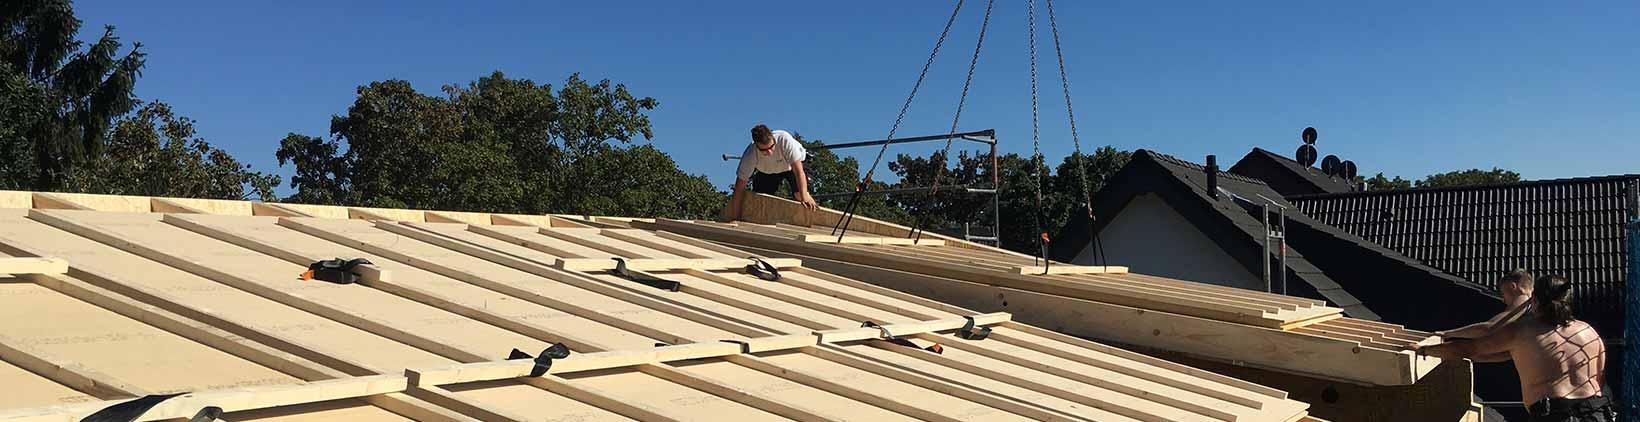 Bau eines Dachstuhls